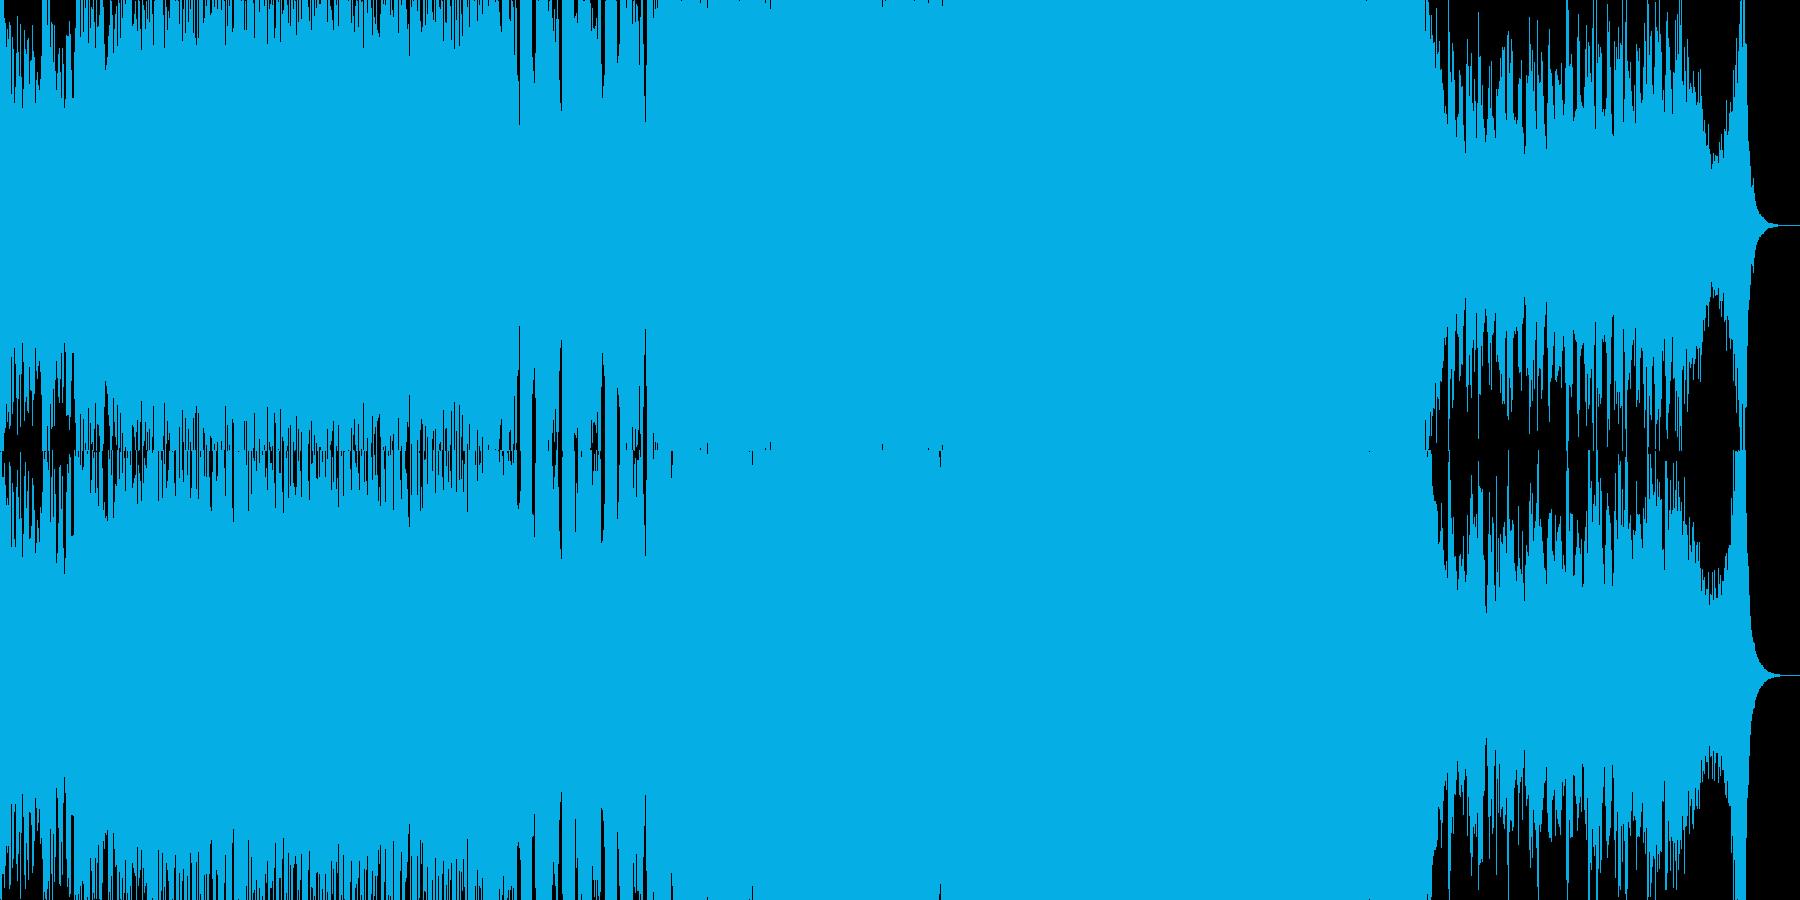 戦闘~勝利 シンフォニックメタル風戦闘曲の再生済みの波形